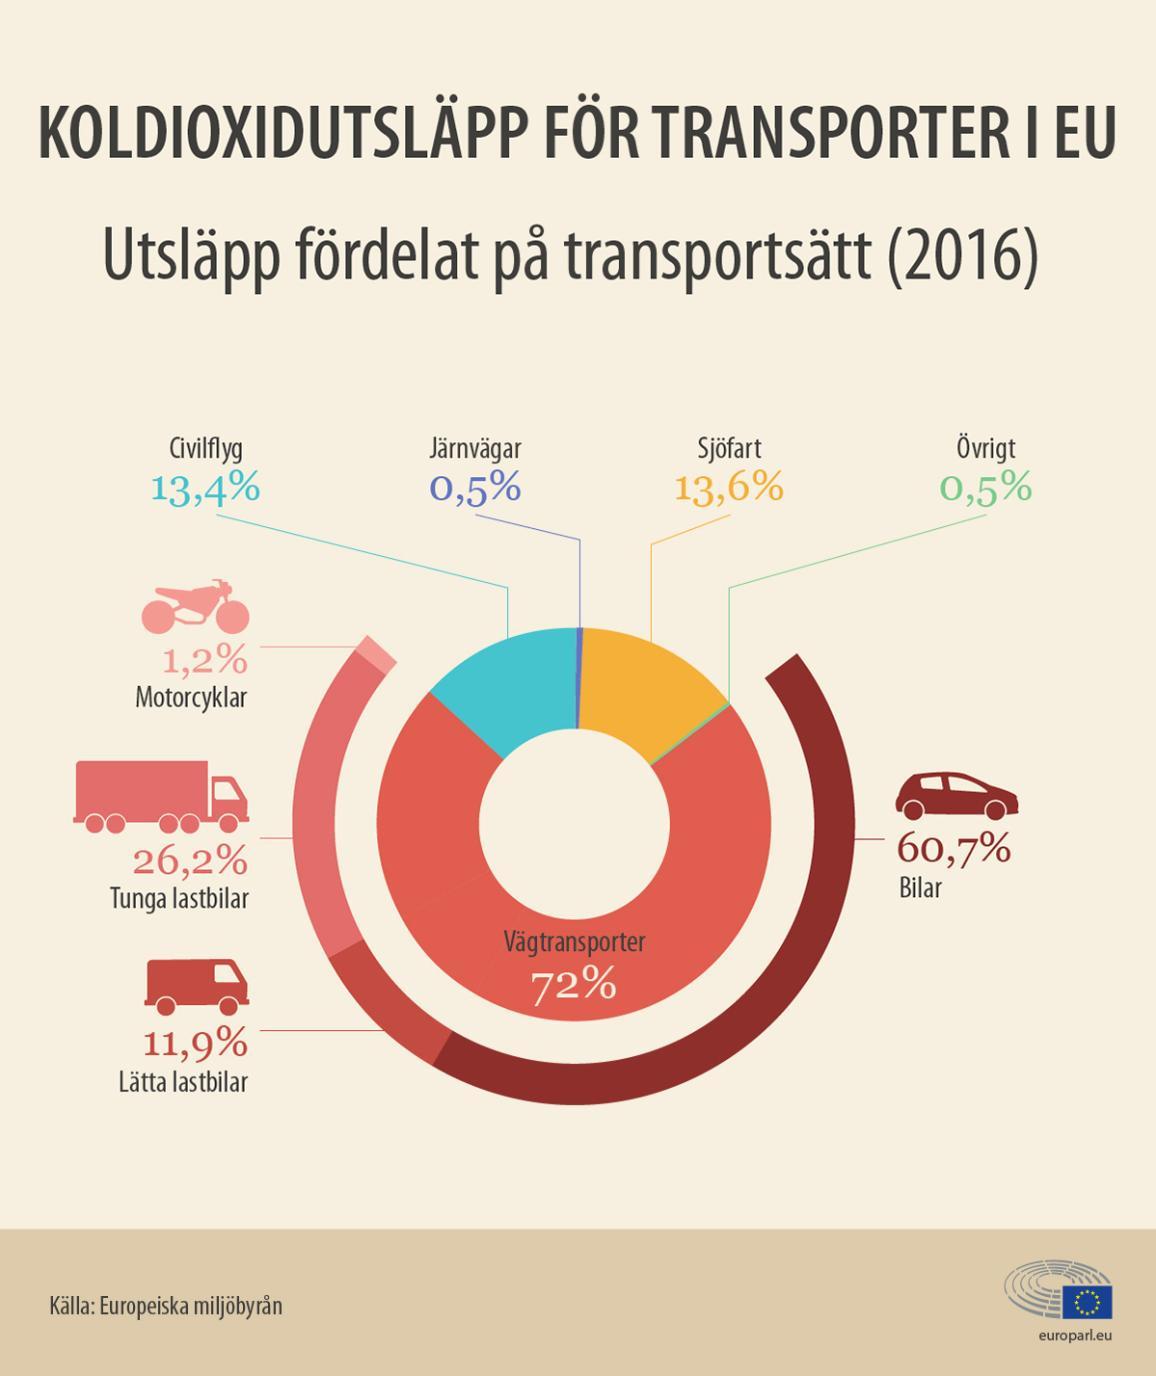 Nyhetsgrafik om att bilar står för cirka 60 procent av koldioxidutsläppen inom transportsektorn.